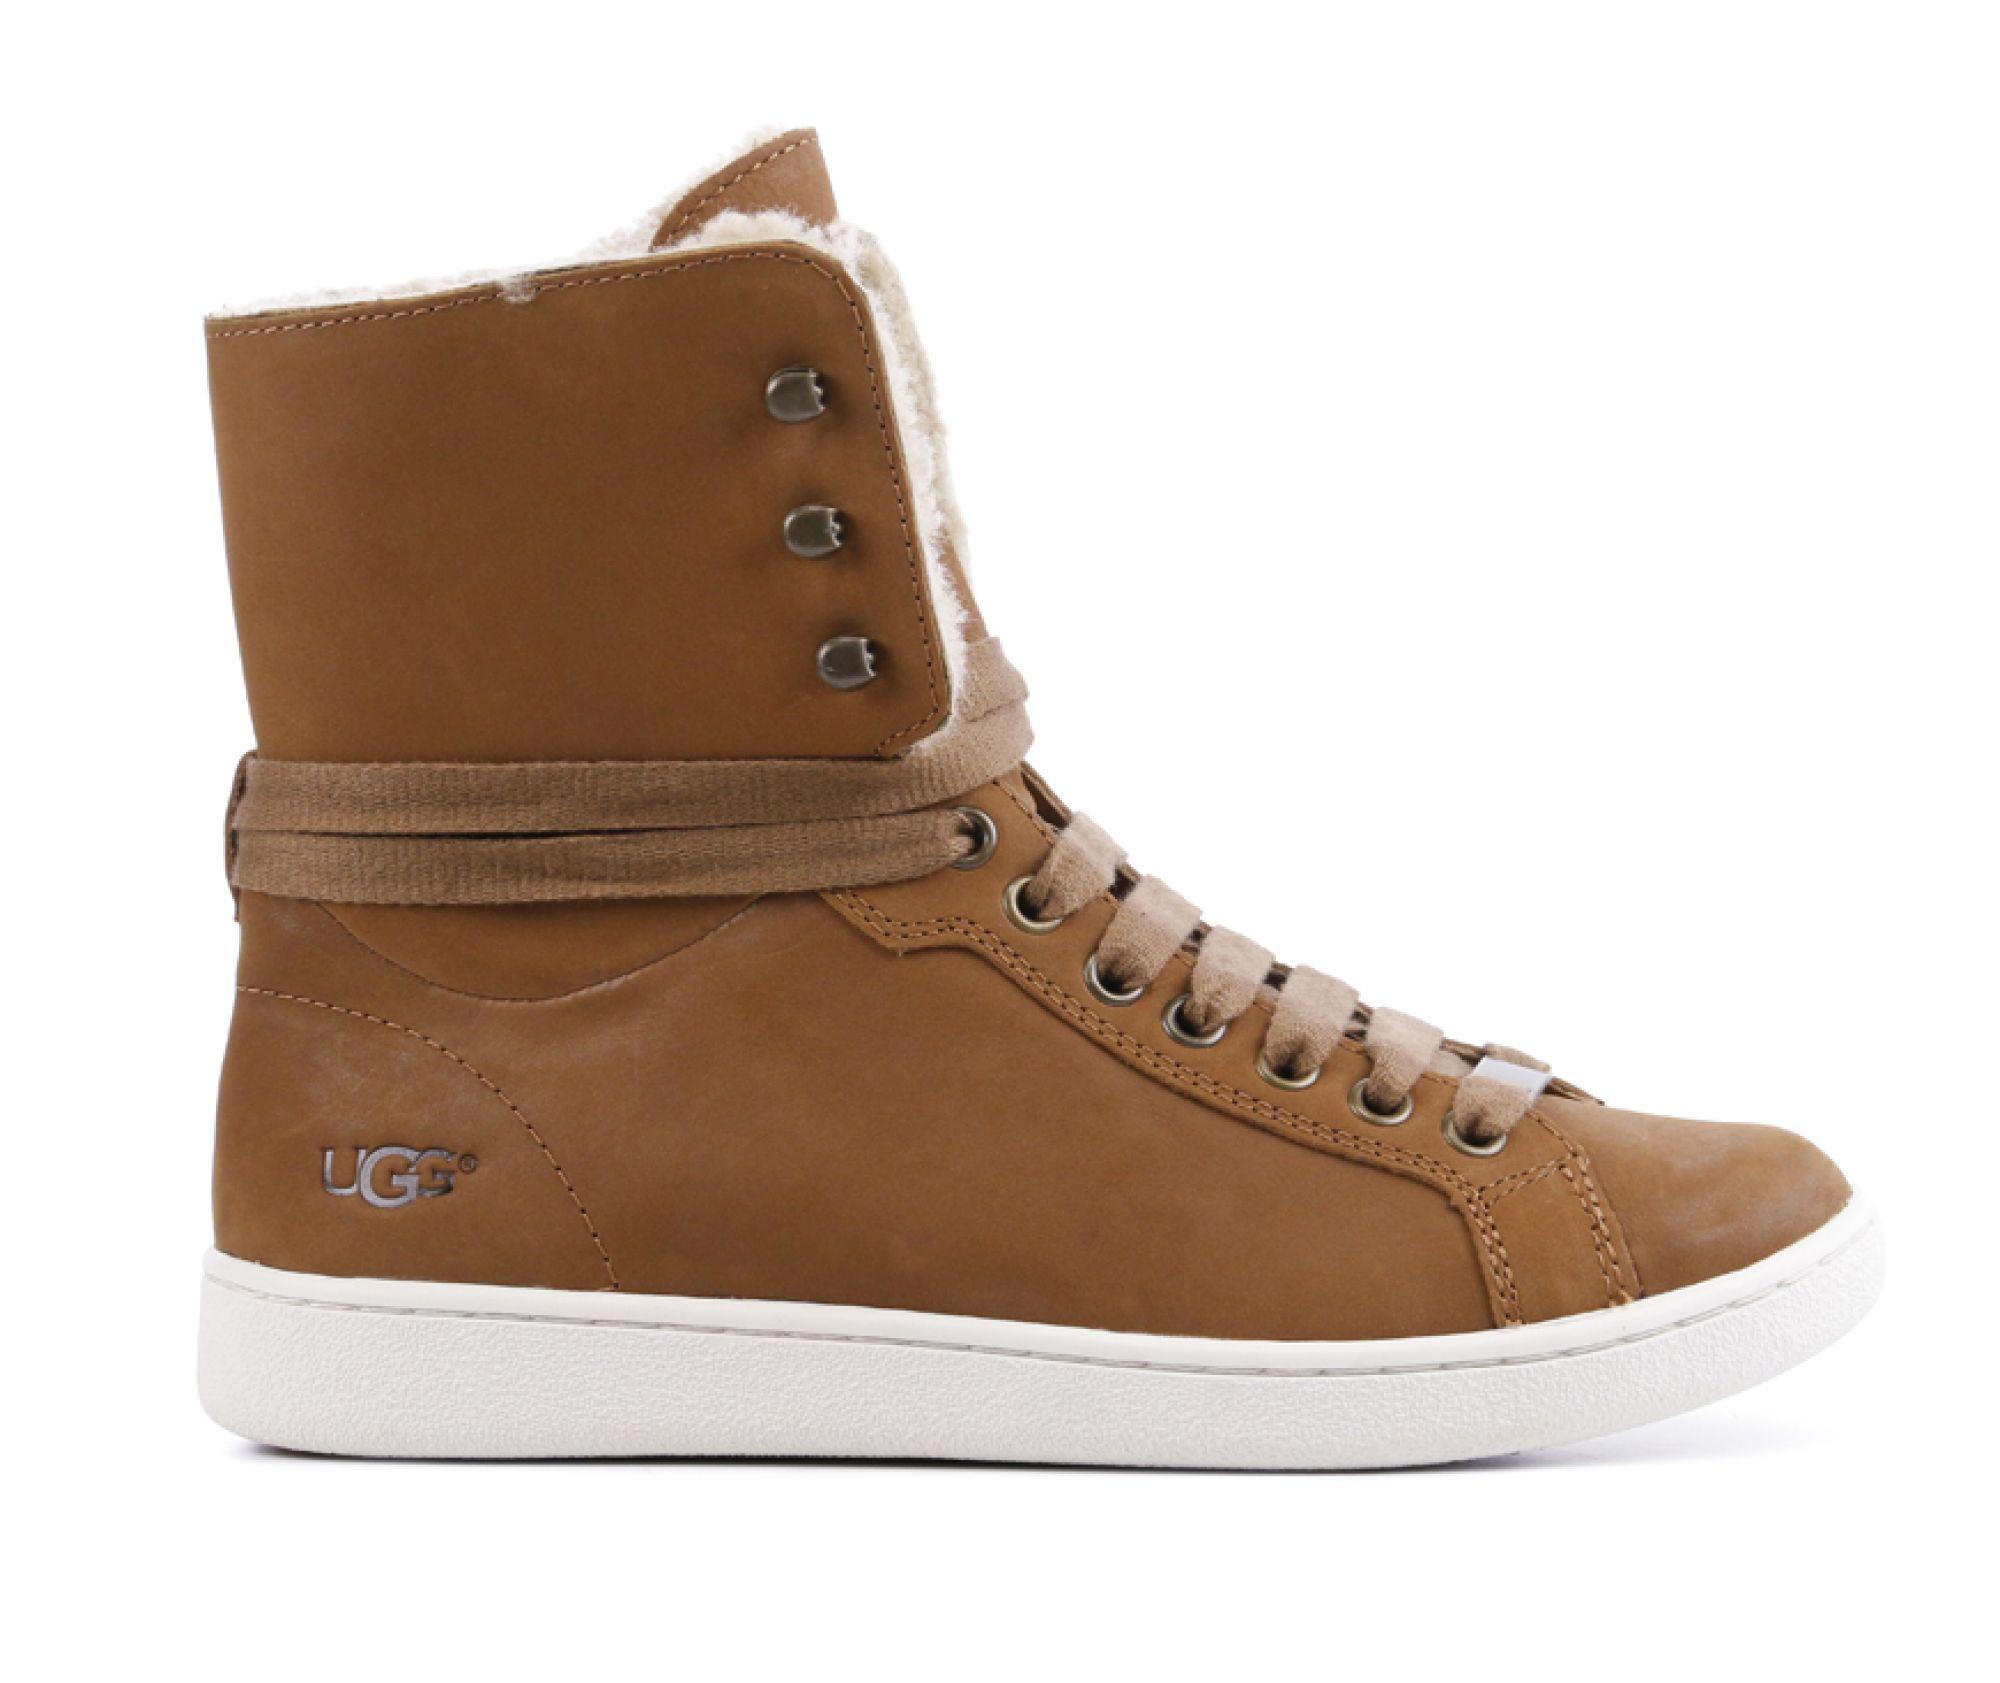 Sneakers Dames (Cognac) Verkoop Met Paypal Beste Prijzen Verkoop Ebay Gloednieuwe Unisex Online qbUVJK